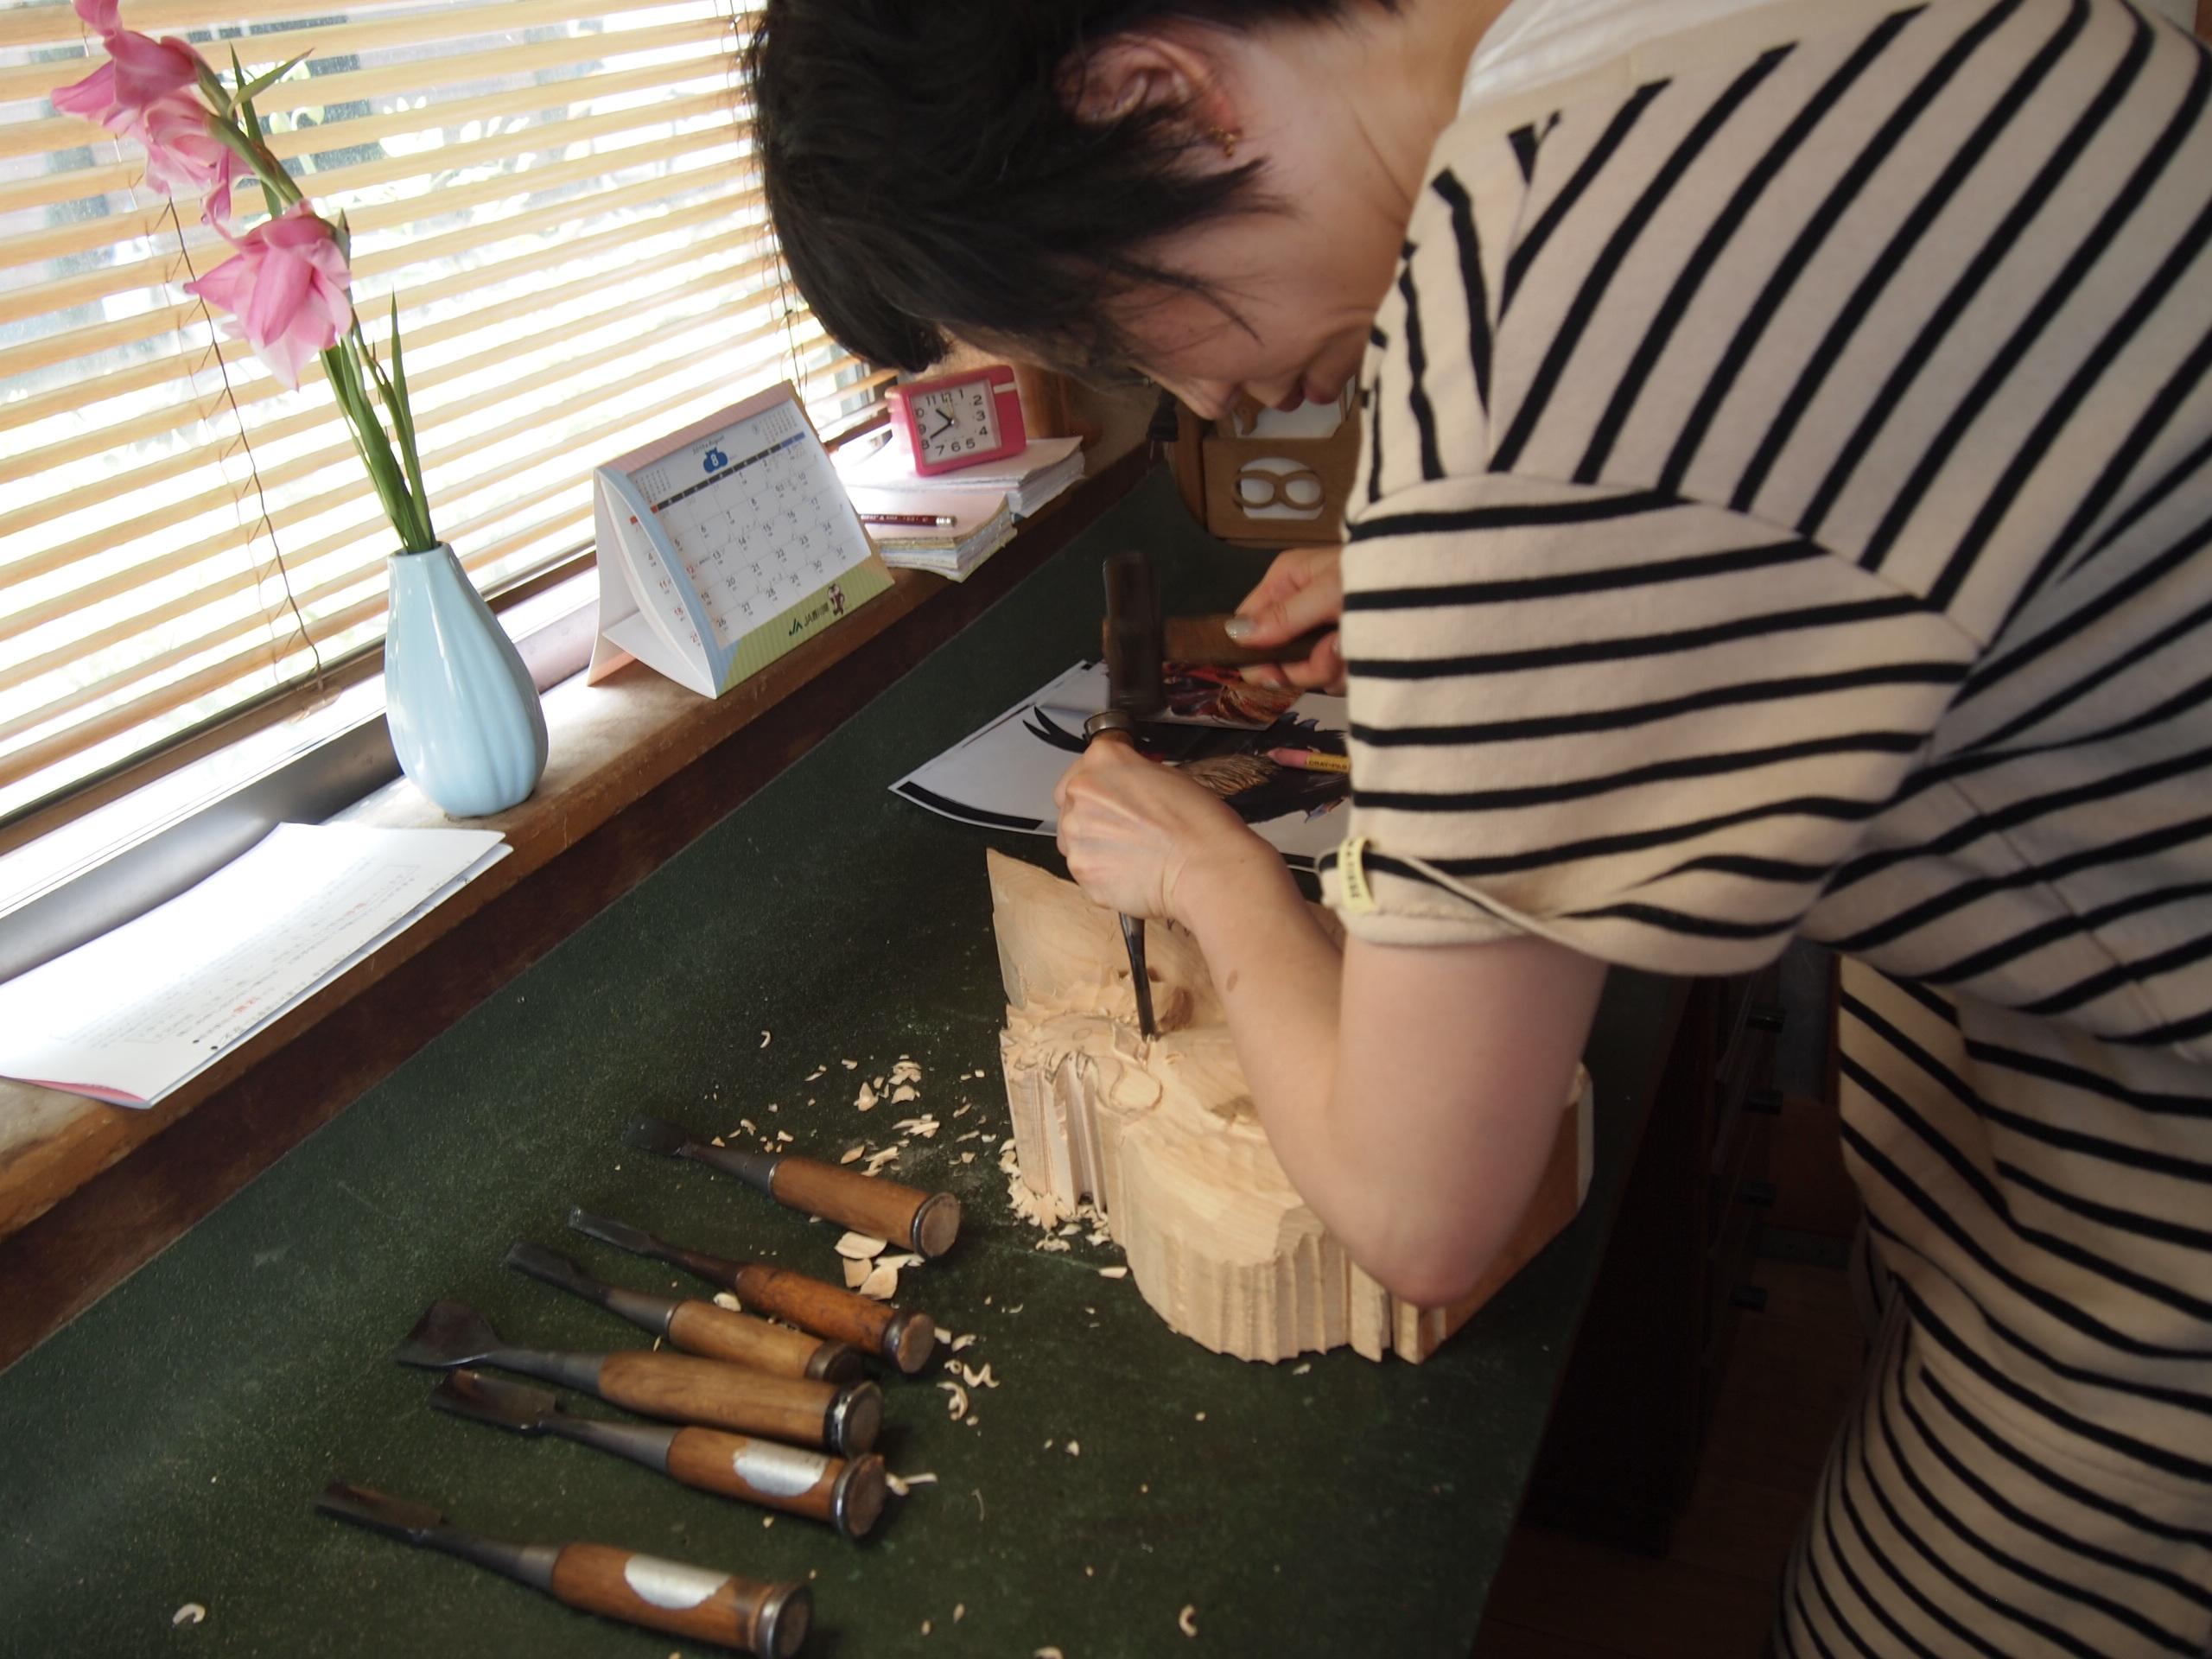 通期:香川県伝統工芸士に学ぶ やさしい木彫り教室【水曜クラス】 7月15日~